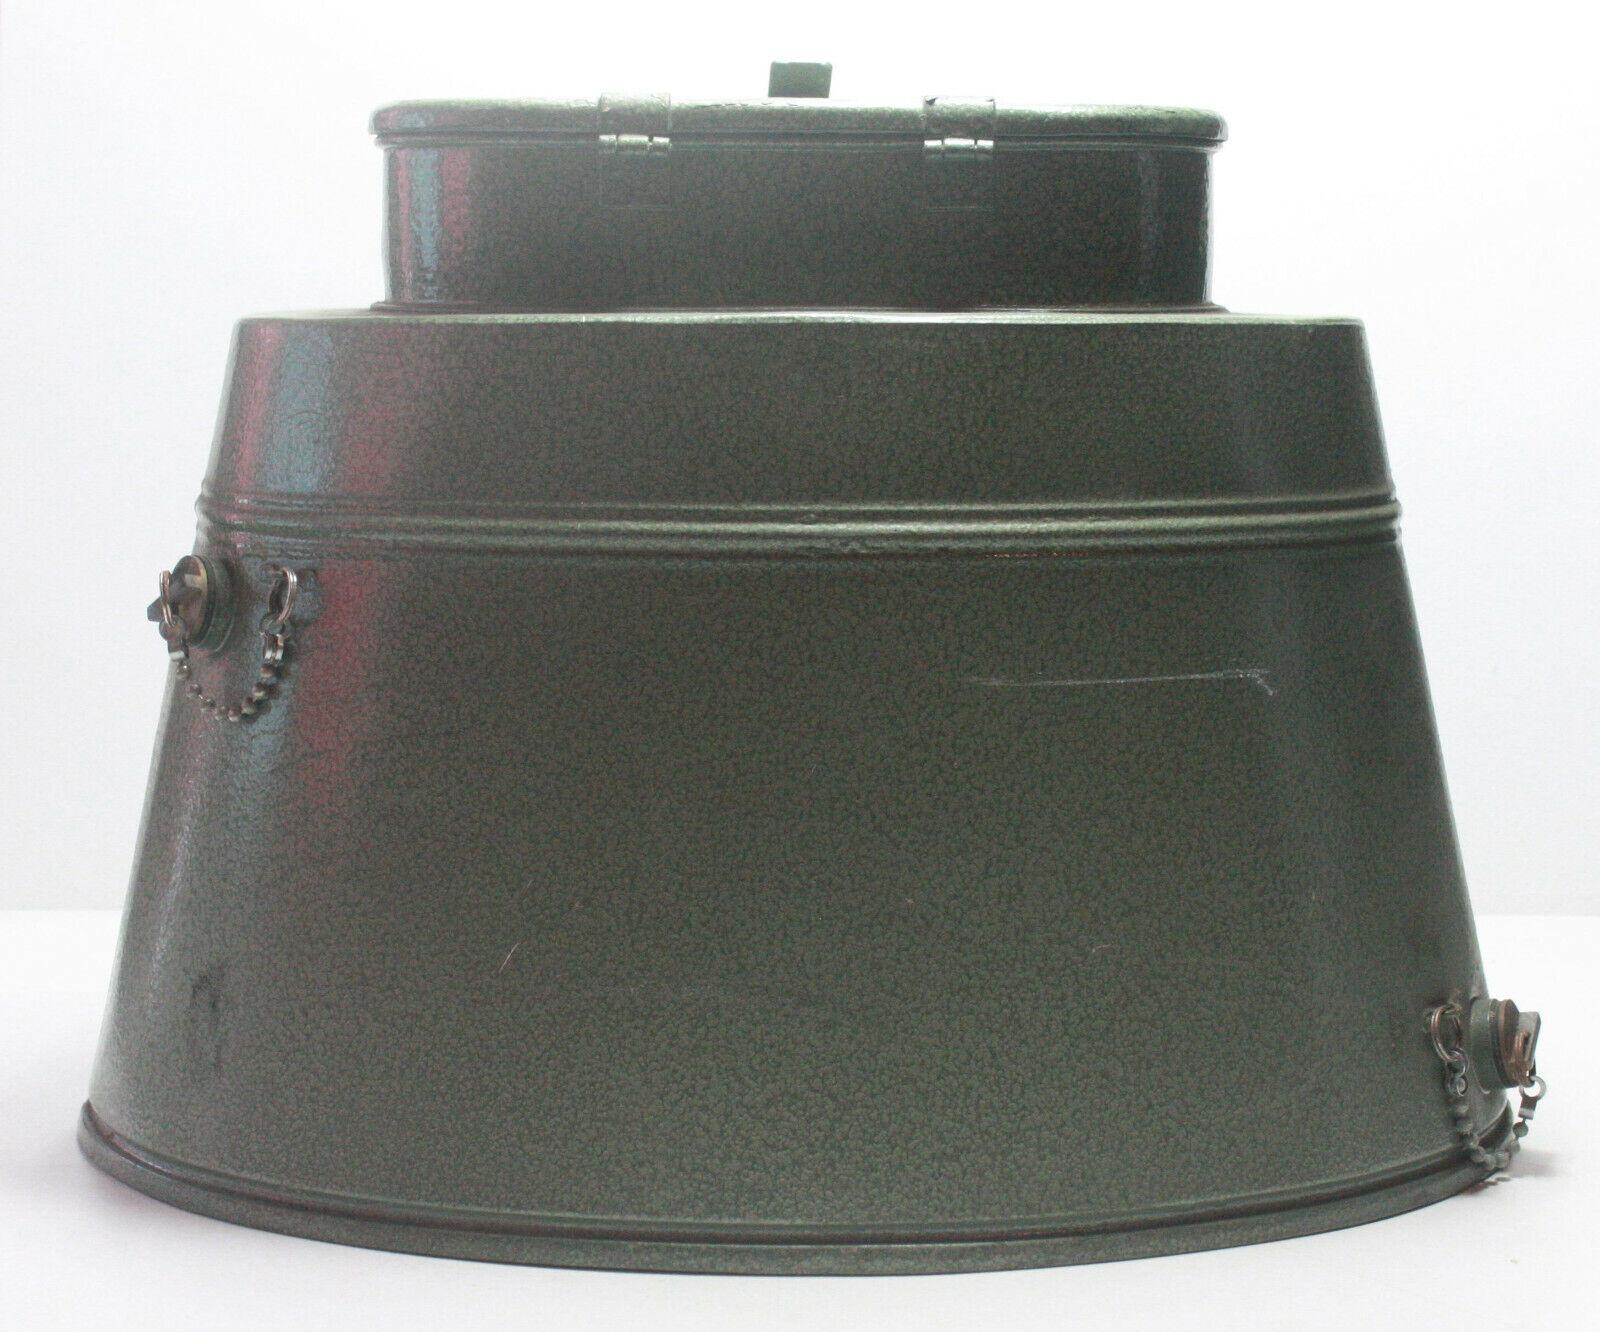 Köderfischbehälter Wasserdichter Transportbehälter Tragebox Fischbehälter